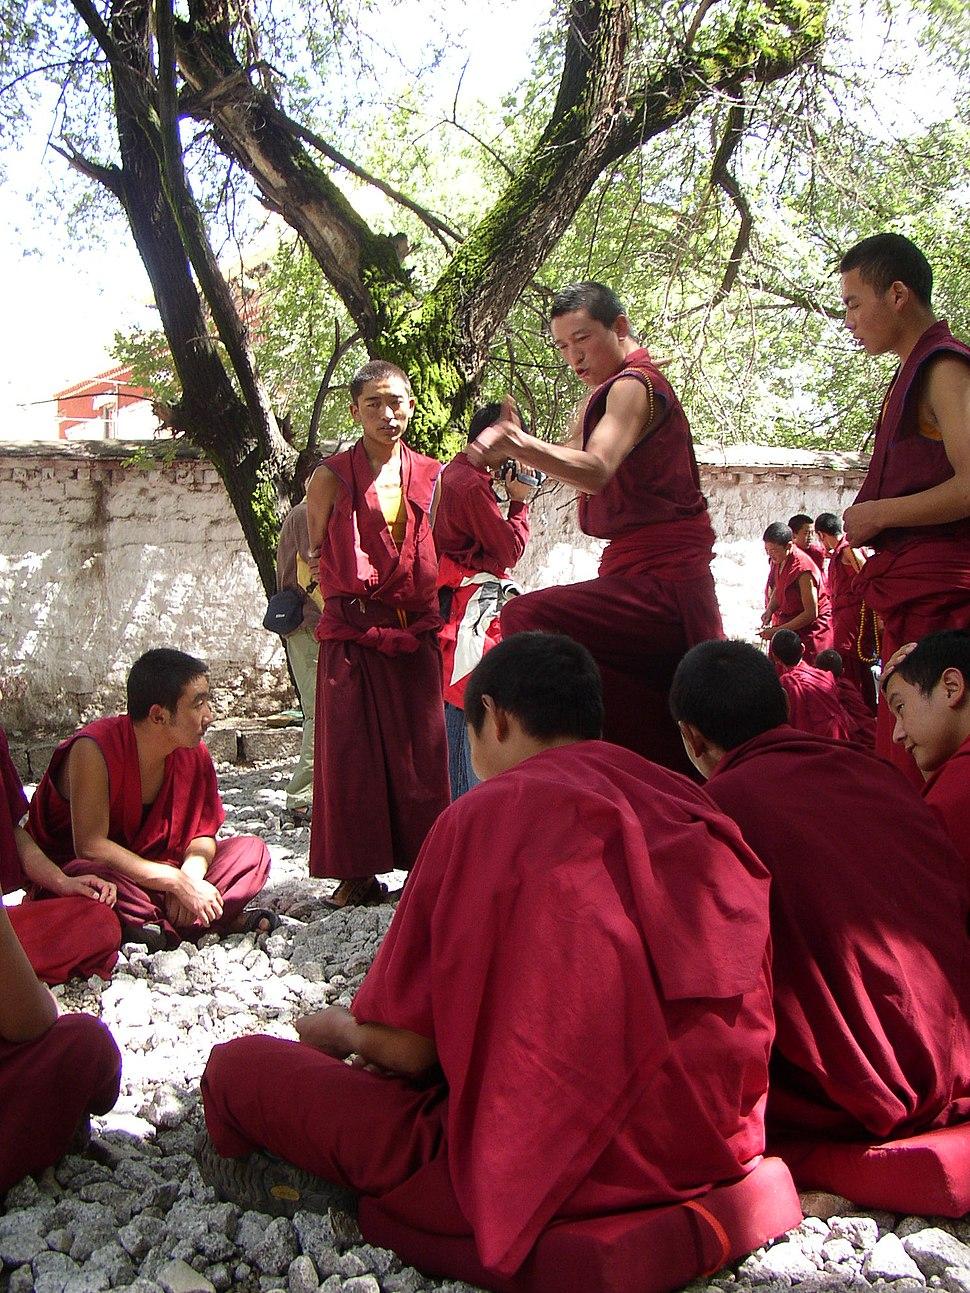 monks wearing crimson robes debating at Sera Monastery, Tibet